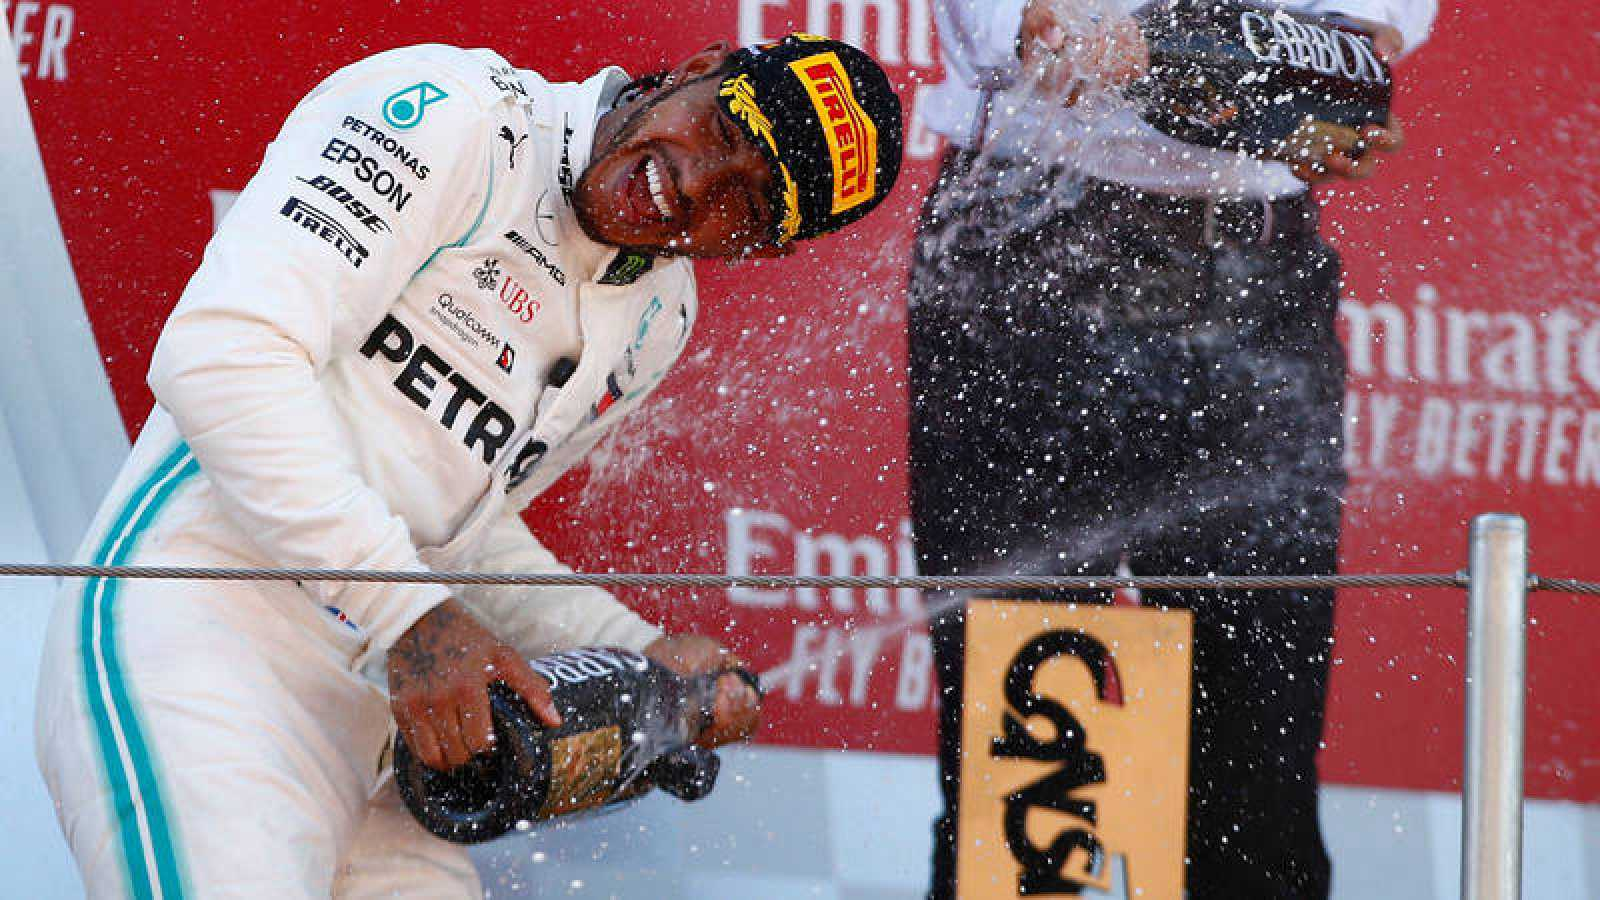 Lewis Hamilton, sólido líder del Mundial de F1.